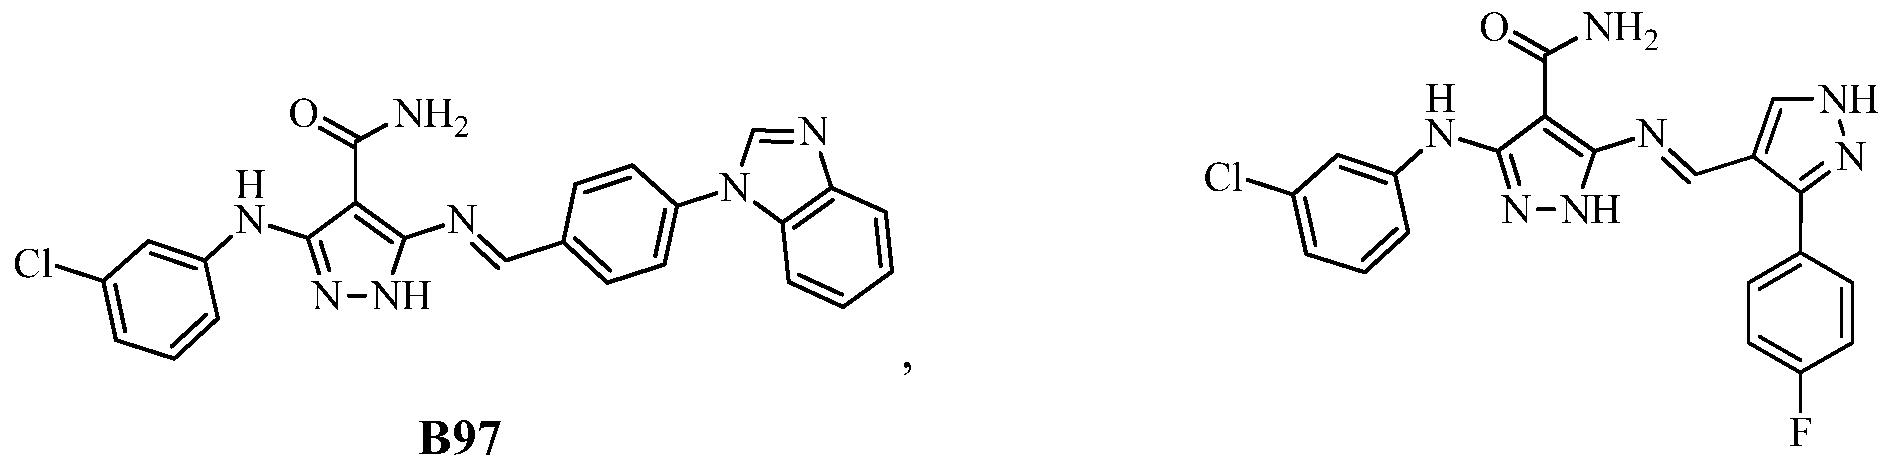 Figure imgf000178_0005